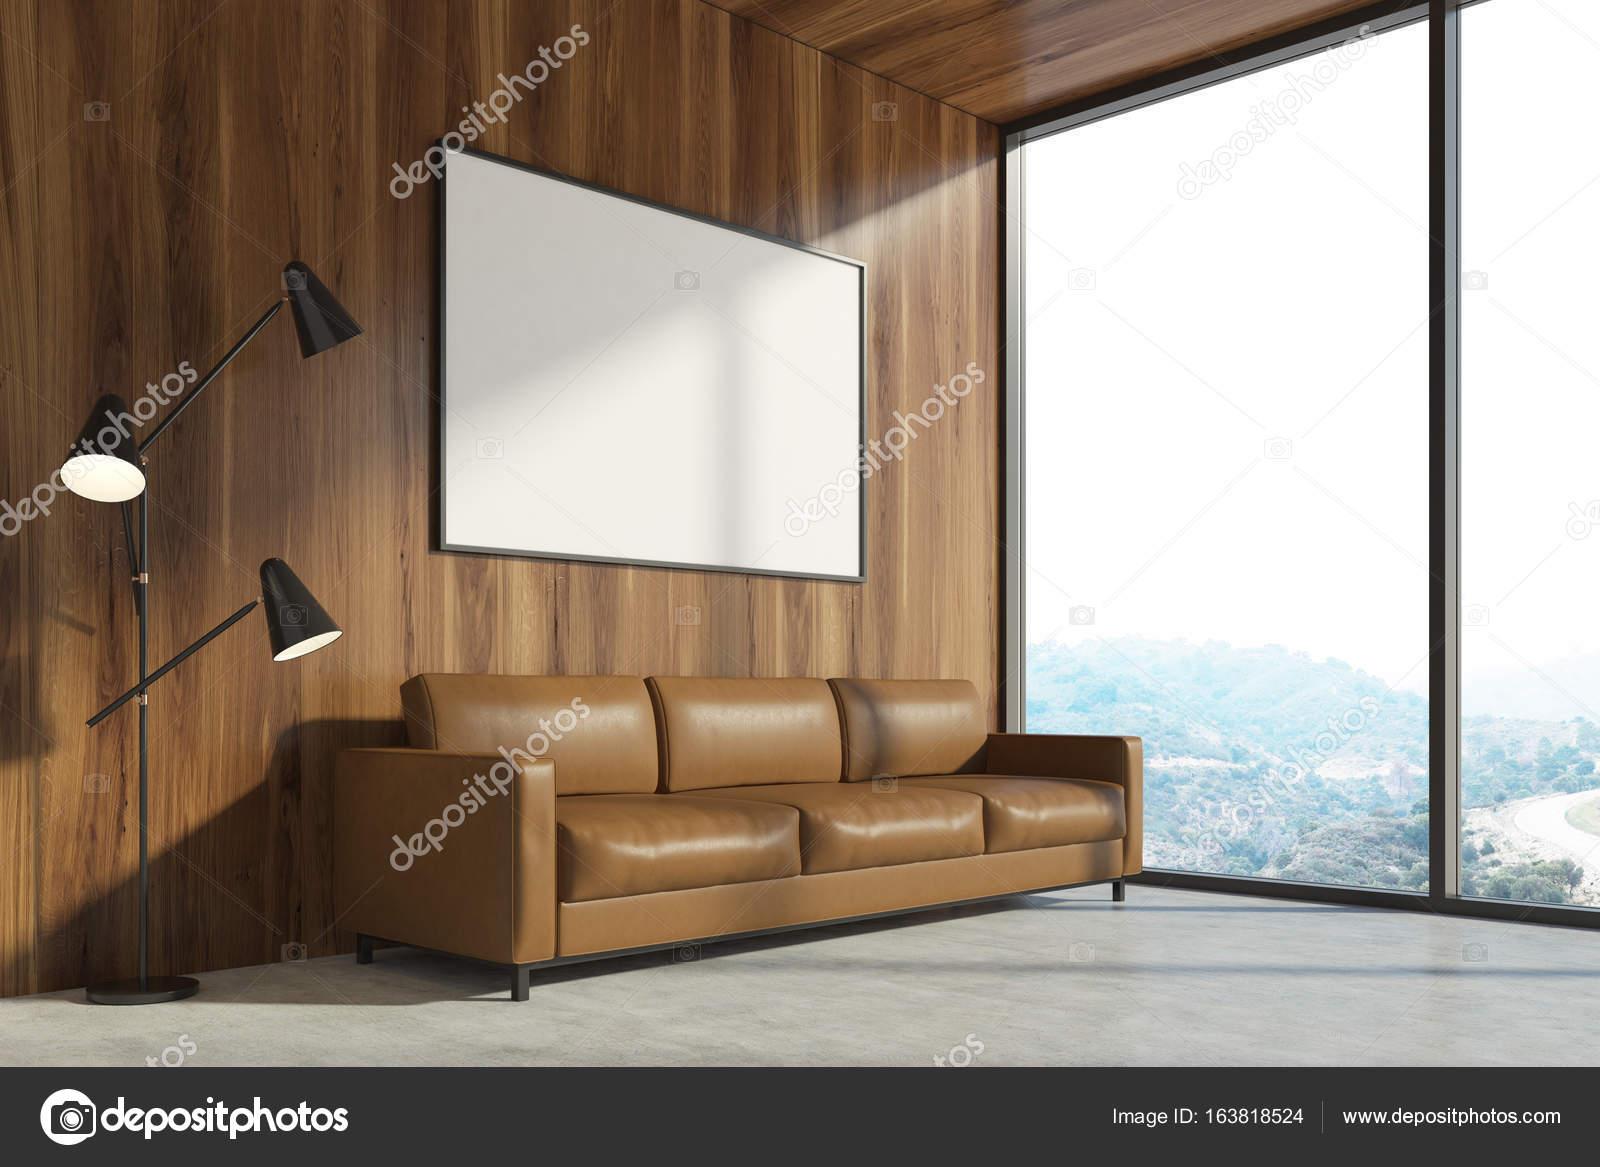 Hölzerne wohnzimmer braun sofa poster u2014 stockfoto © denisismagilov